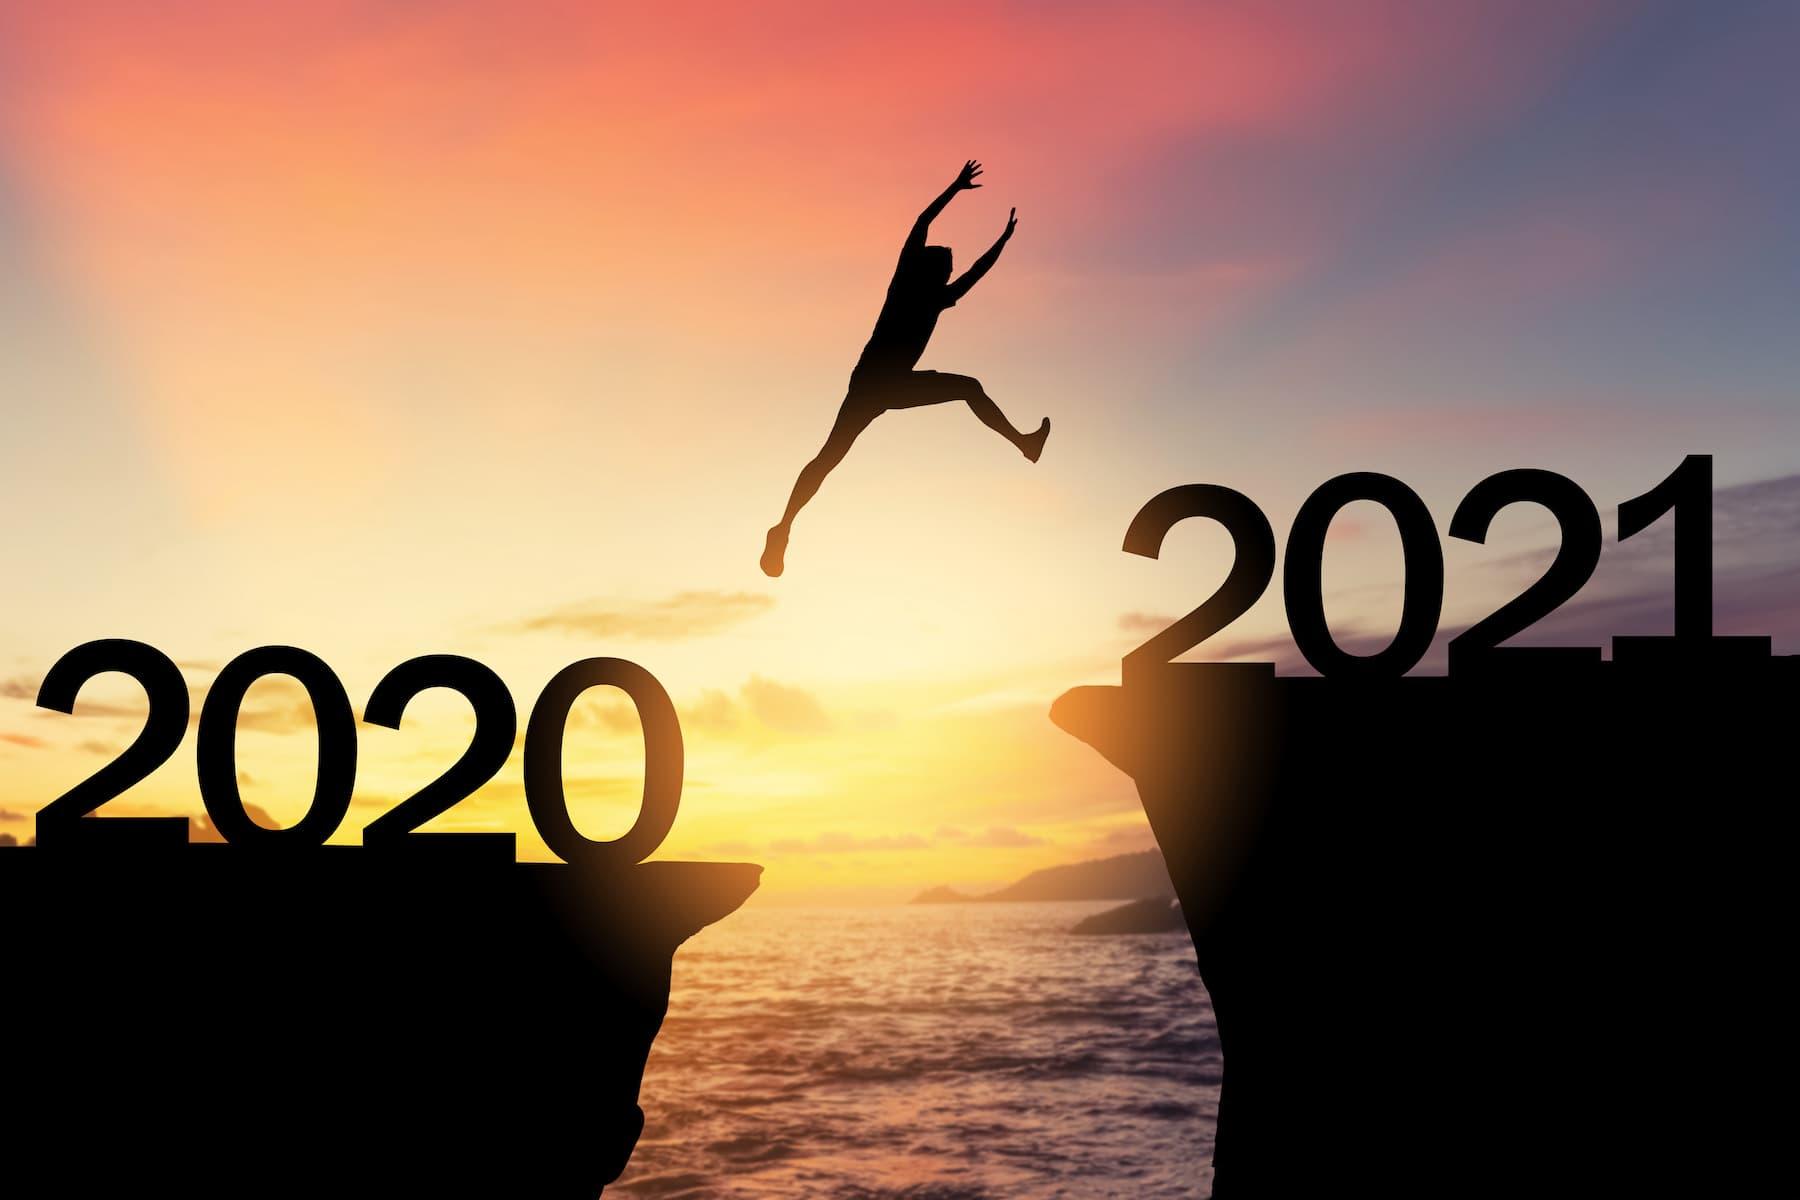 Co będzie modne w 2021 roku? Przegląd trendów w modzie męskiej